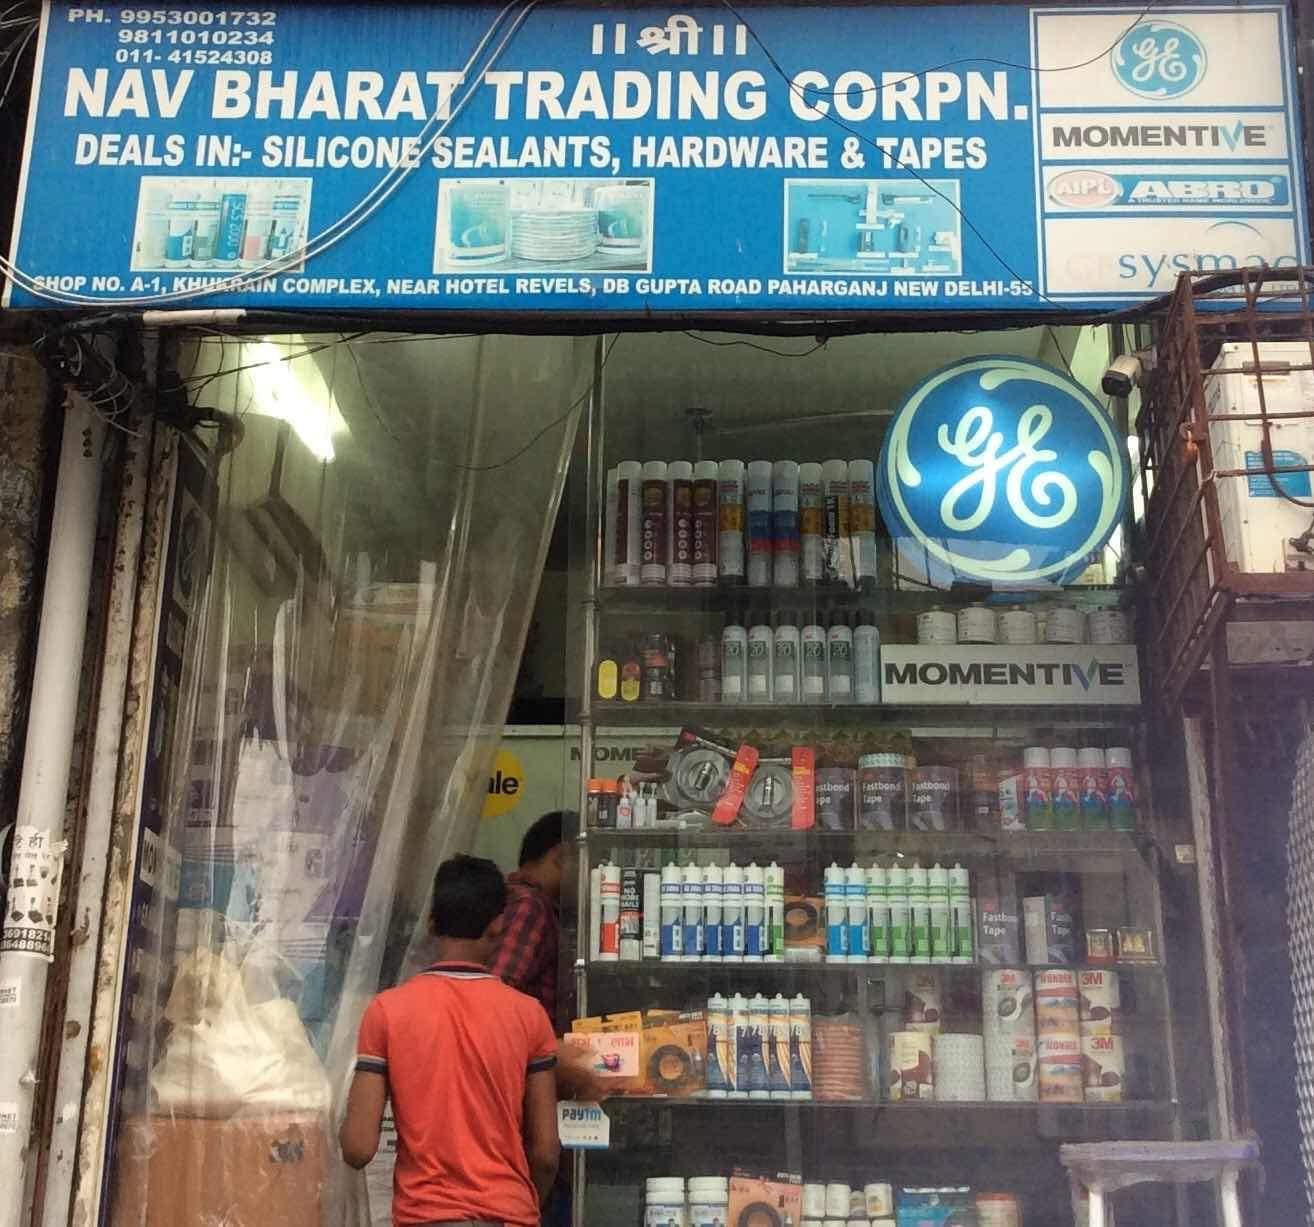 Top 20 Sika Waterproofing Chemical Dealers in Gurgaon - Best